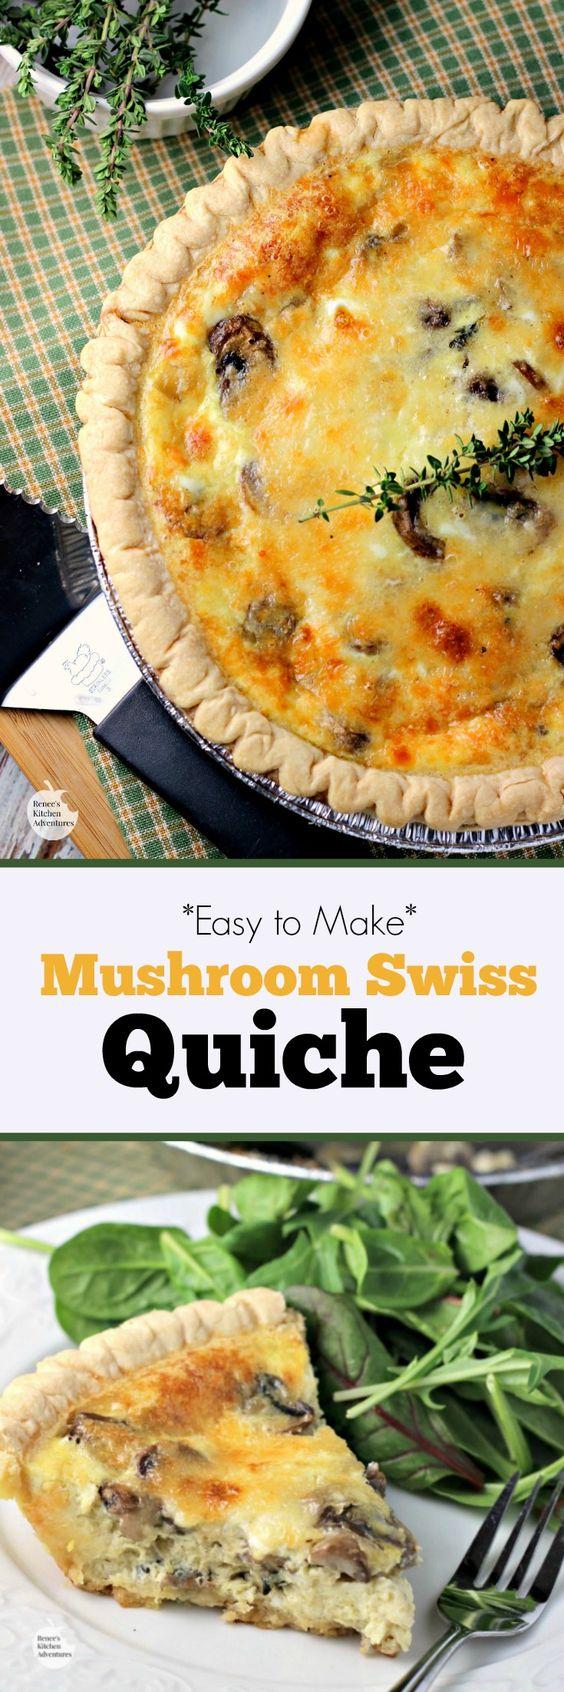 ... breakfast kitchens recipe easy recipes mushroom quiche quiche recipes